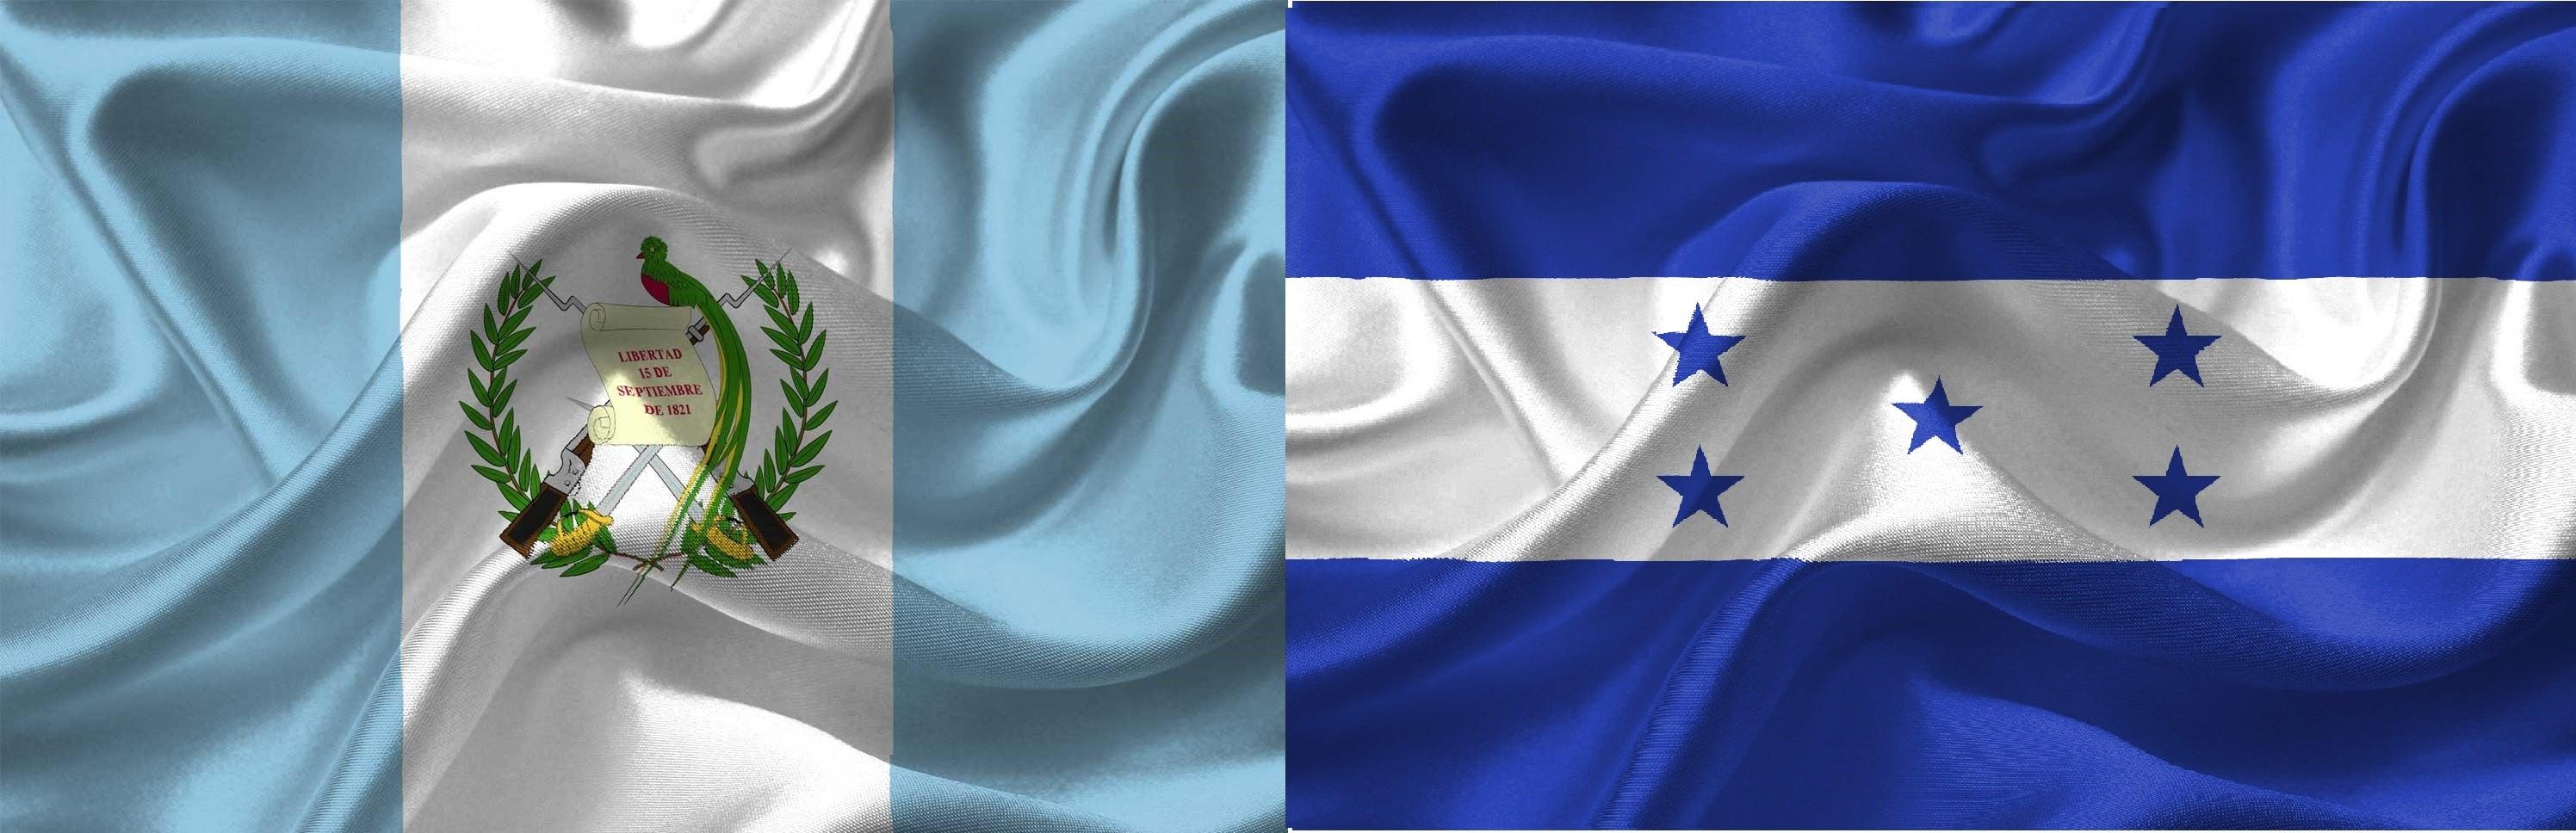 Se consolida la unión aduanera entre Guatemala y Honduras